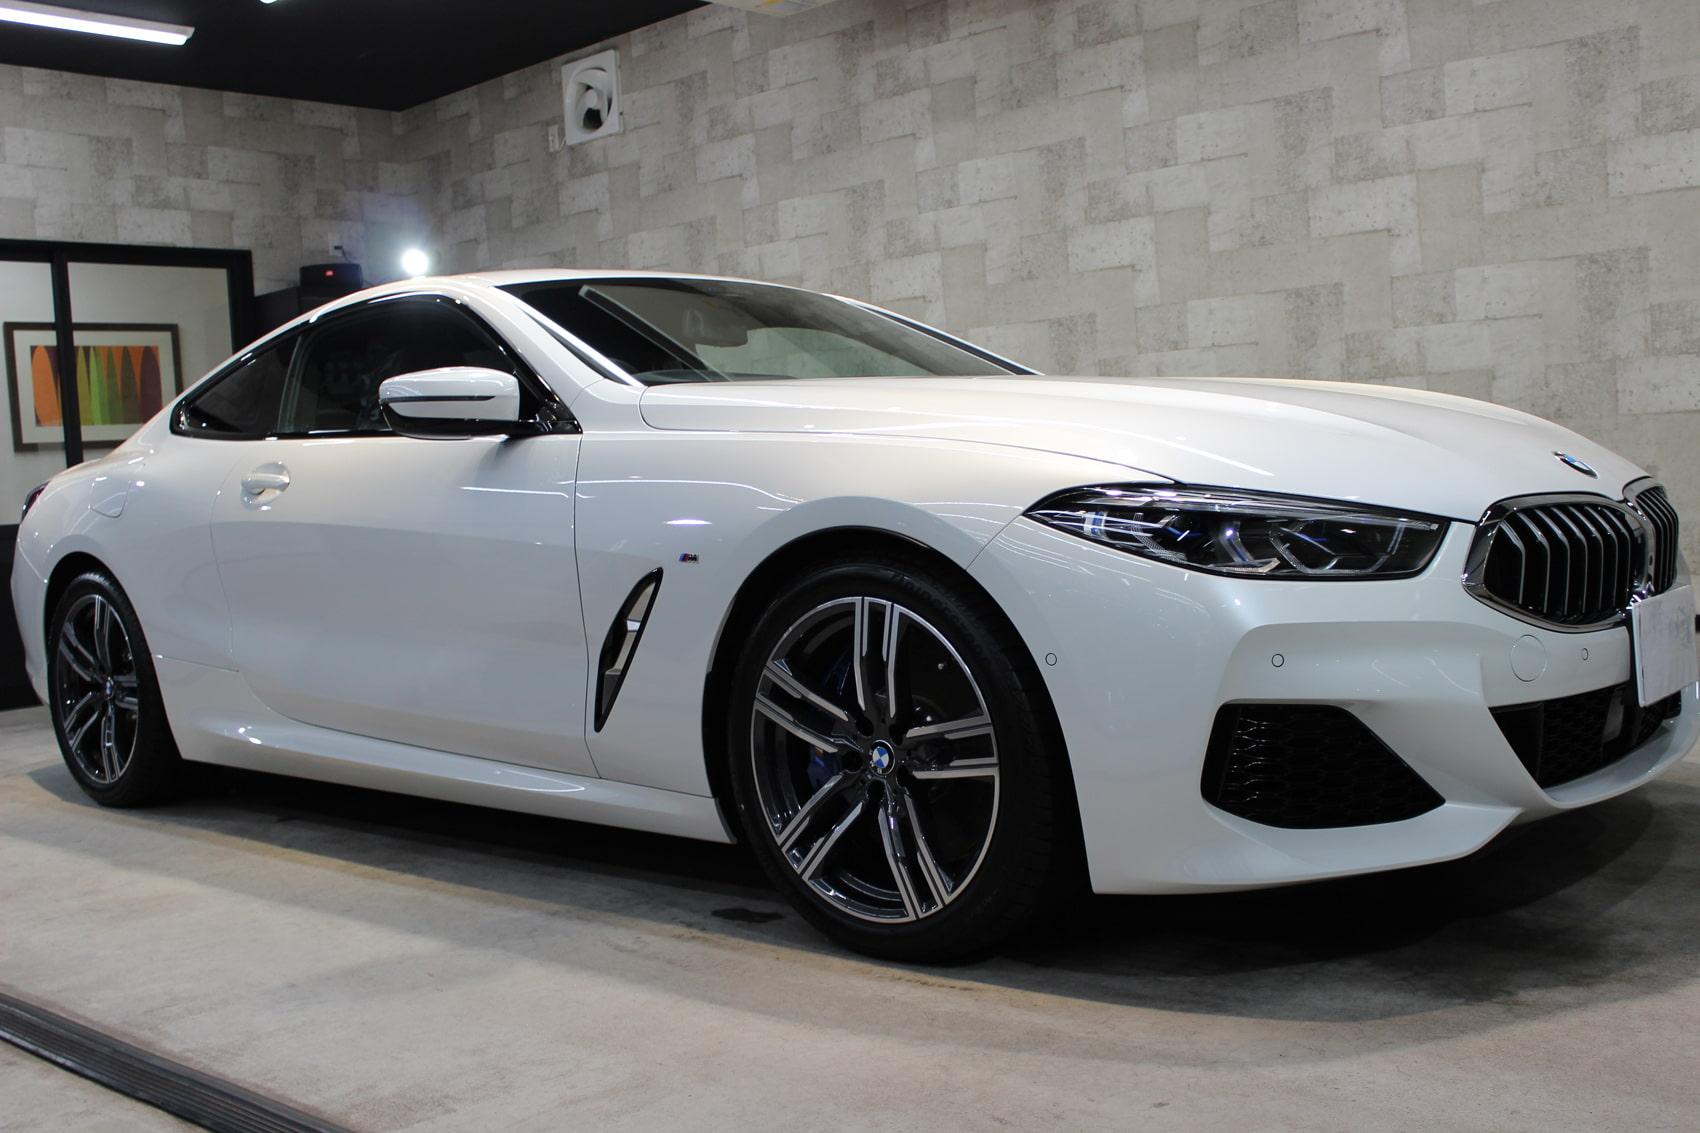 BMW 840iクーペ ミネラルホワイト ホイール右